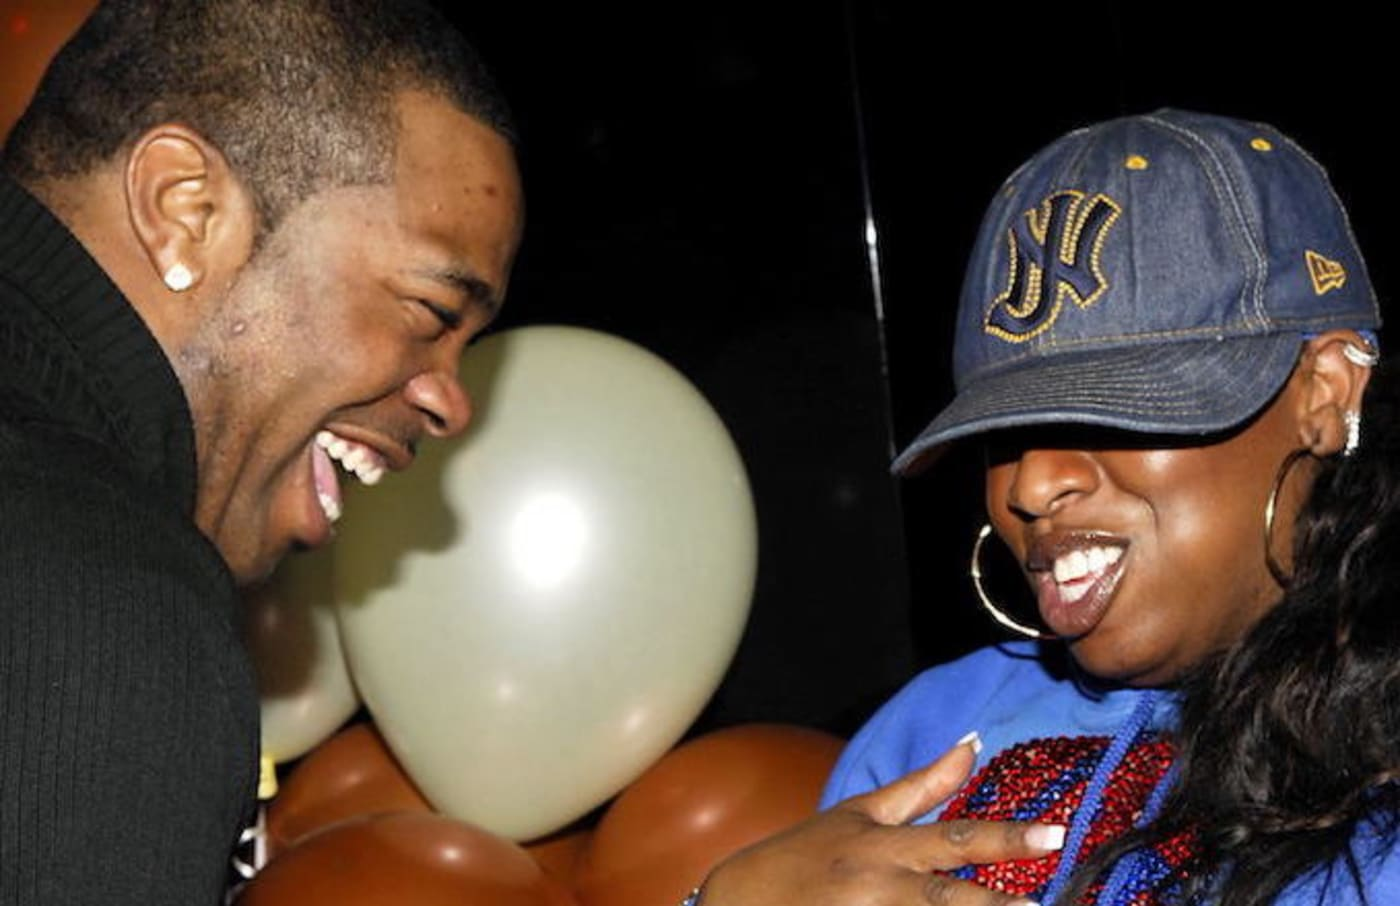 Busta Rhymes and Missy Elliott